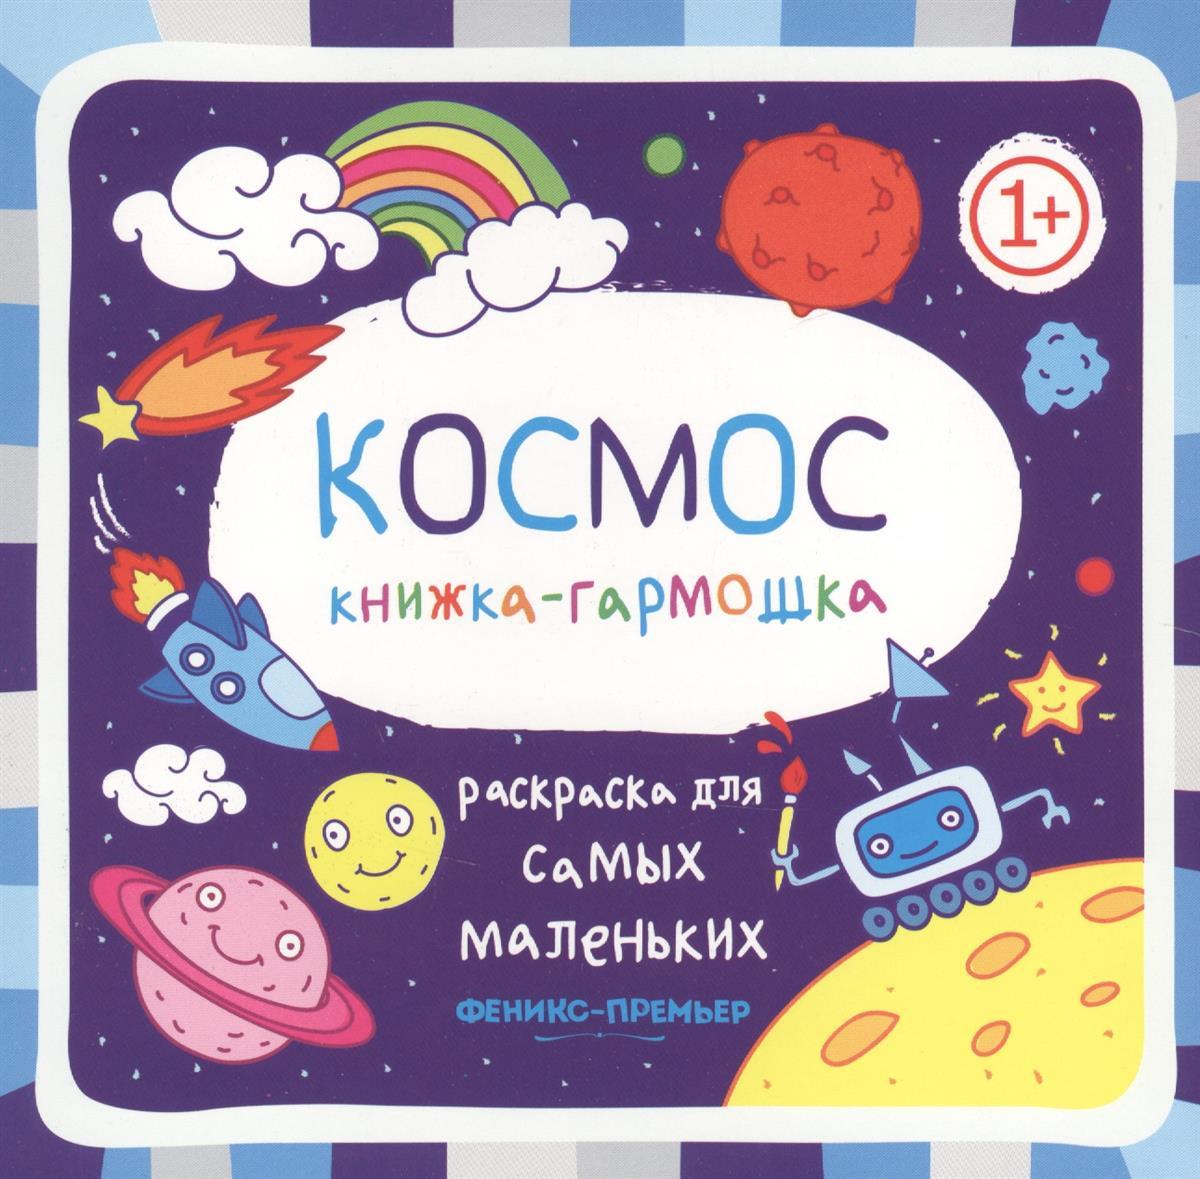 Костомарова Е. (отв.ред.) Раскраска для самых маленьких. Космос. Книжка-гарможка увлекательный космос для самых маленьких